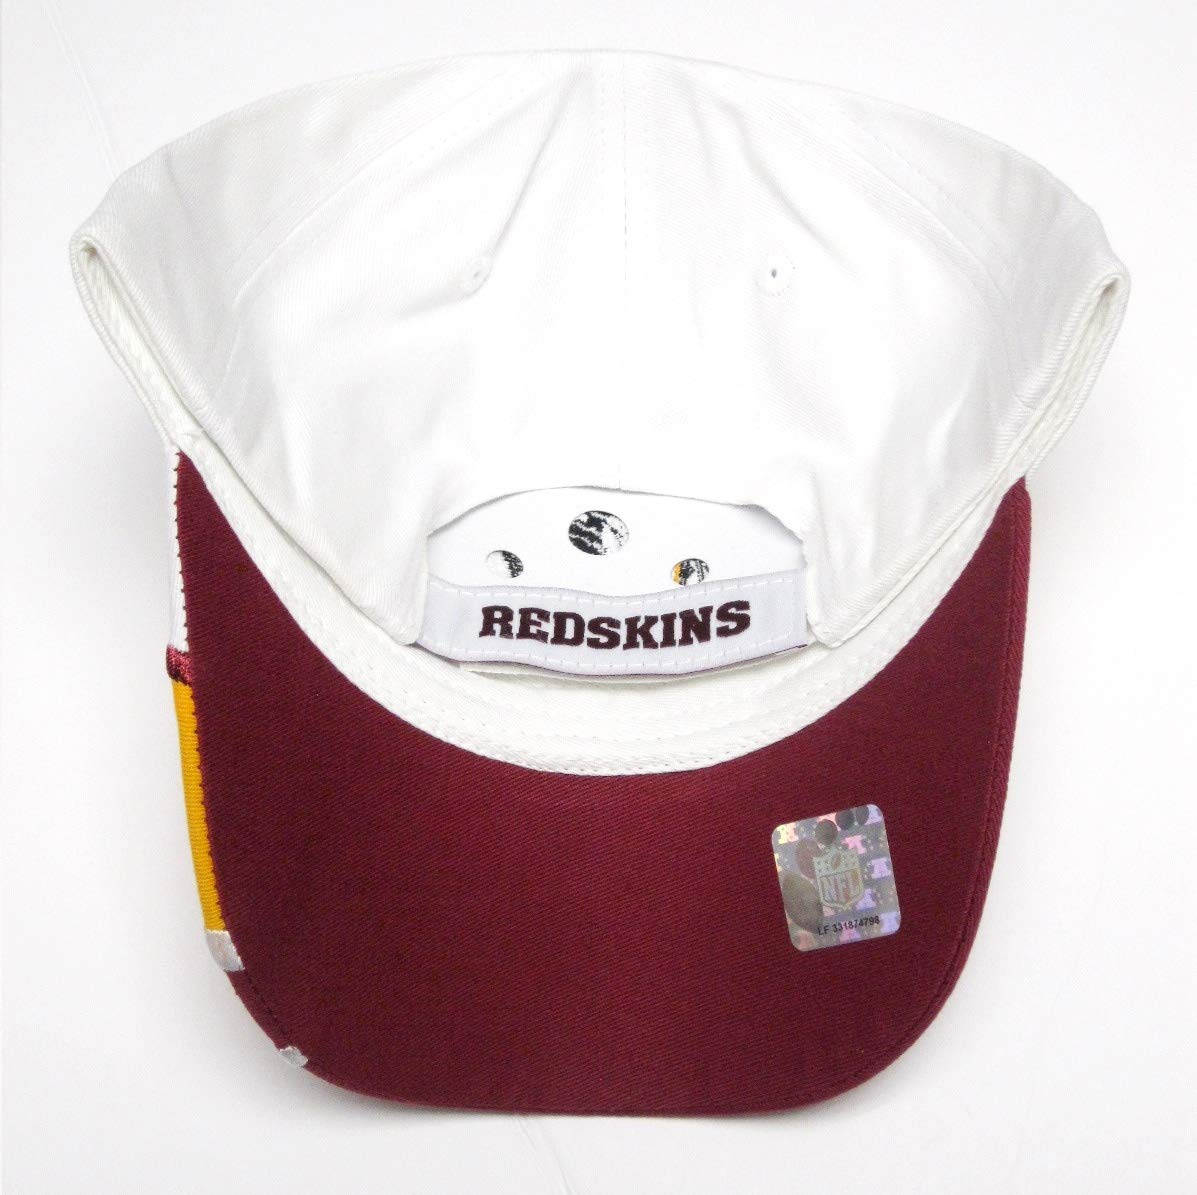 Amazon.com   Washington Redskins NFL Team Apparel White Shark Tooth Wave Hat  Cap Adult Men s Adjustable   Sports   Outdoors 8af8f48659f5